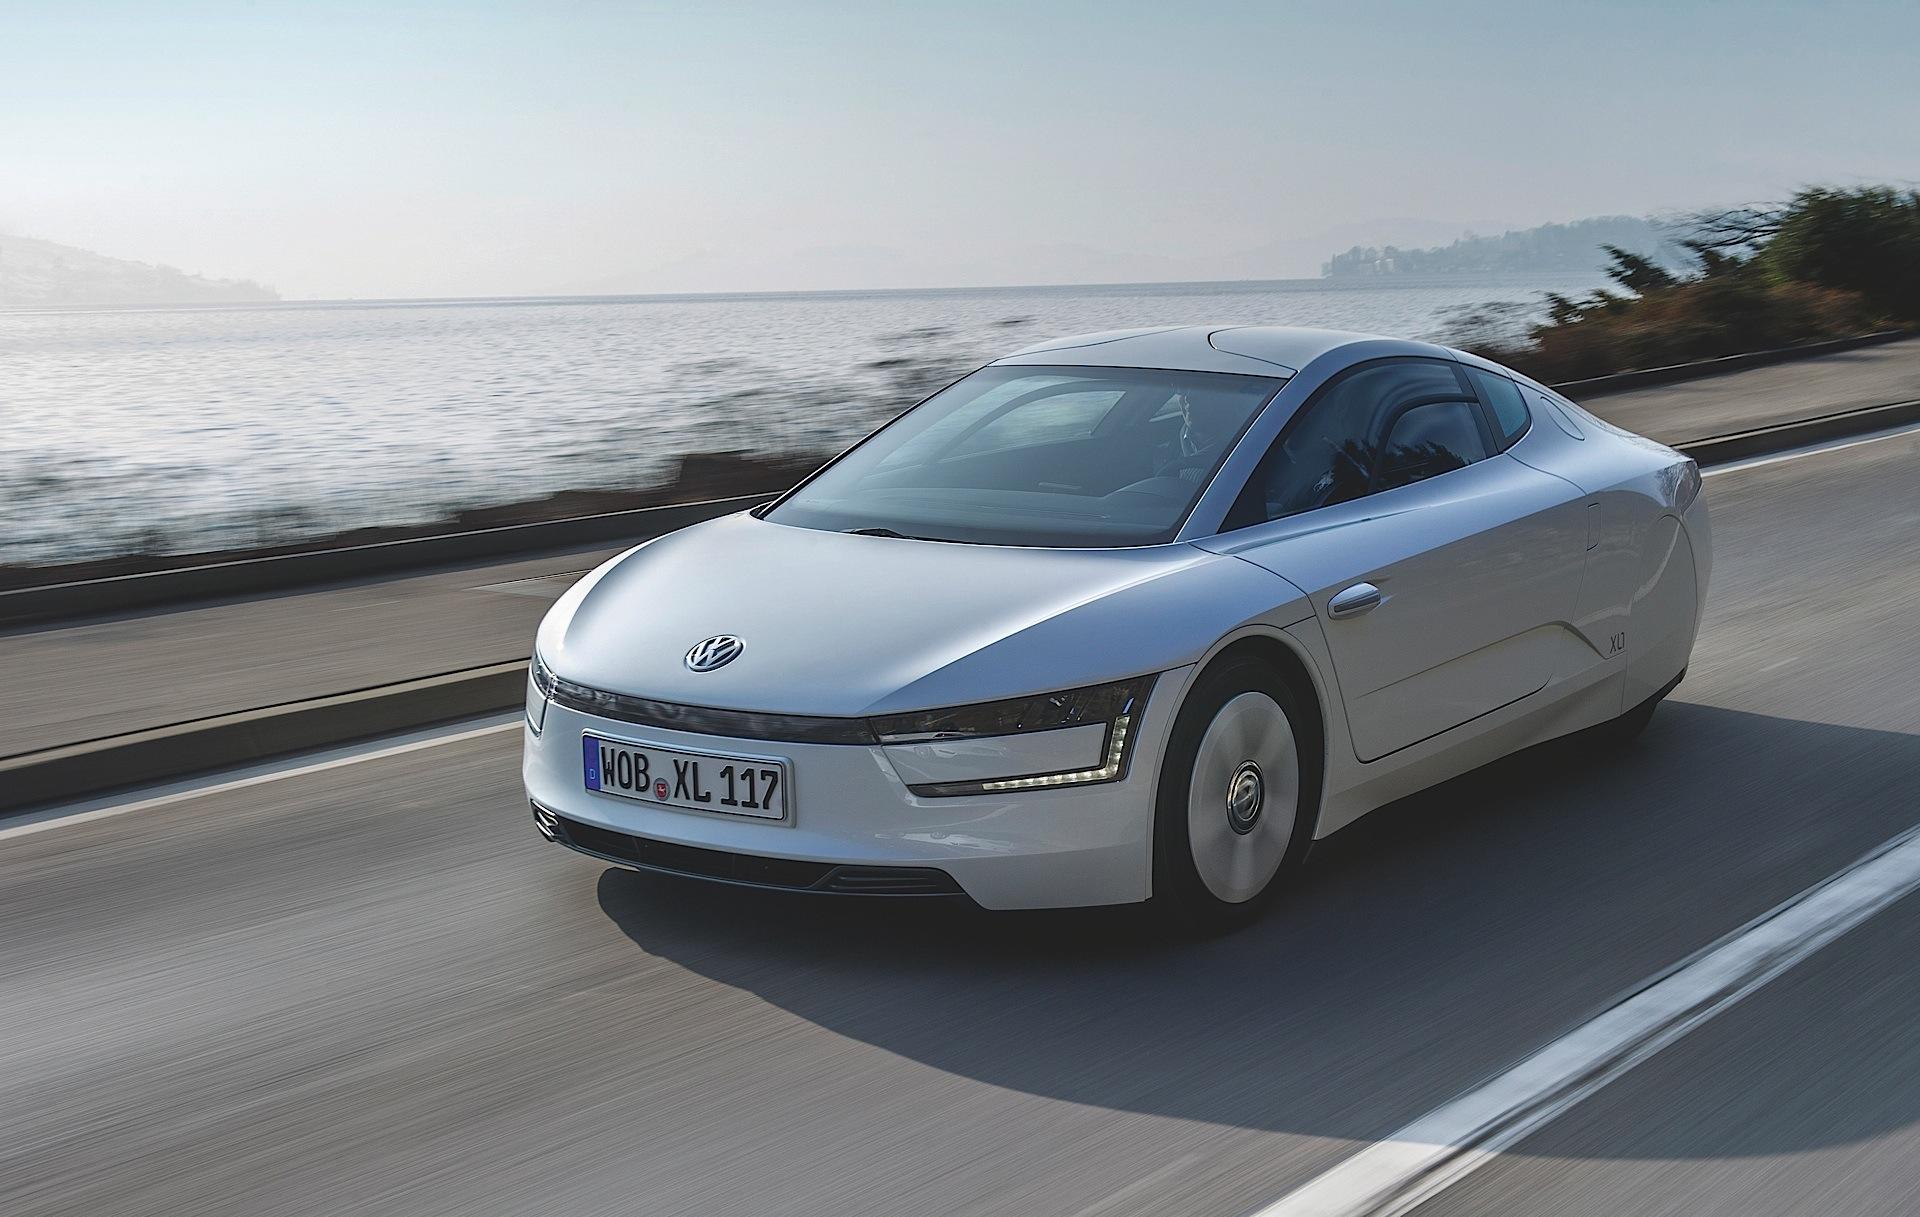 VOLKSWAGEN XL1 - 2013, 2014, 2015, 2016, 2017 - autoevolution